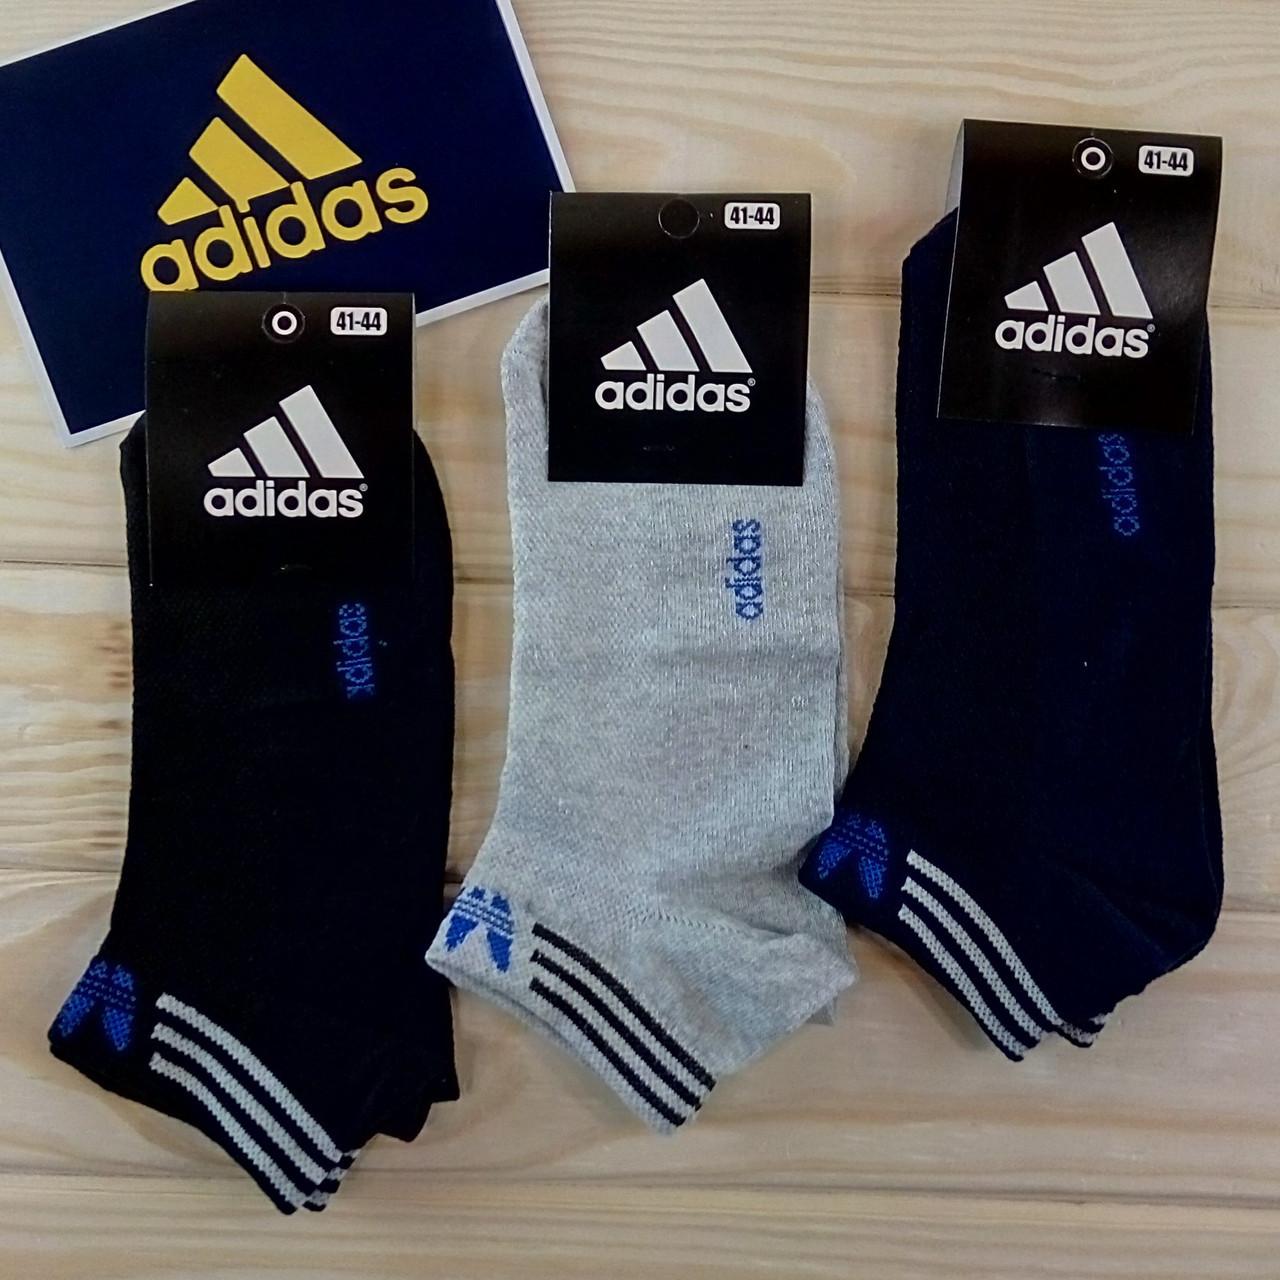 90d2b12ef1bc2 Adidas летние мужские носки короткие с сеткой ассорти растяжной 41-44  размер (12пар комплект